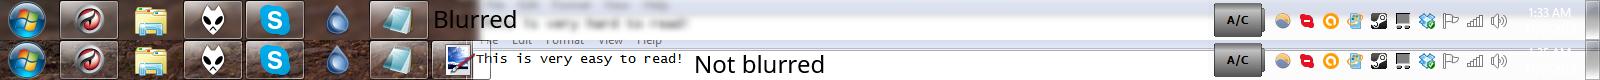 Taskbar Blur Toggle 0.2.0